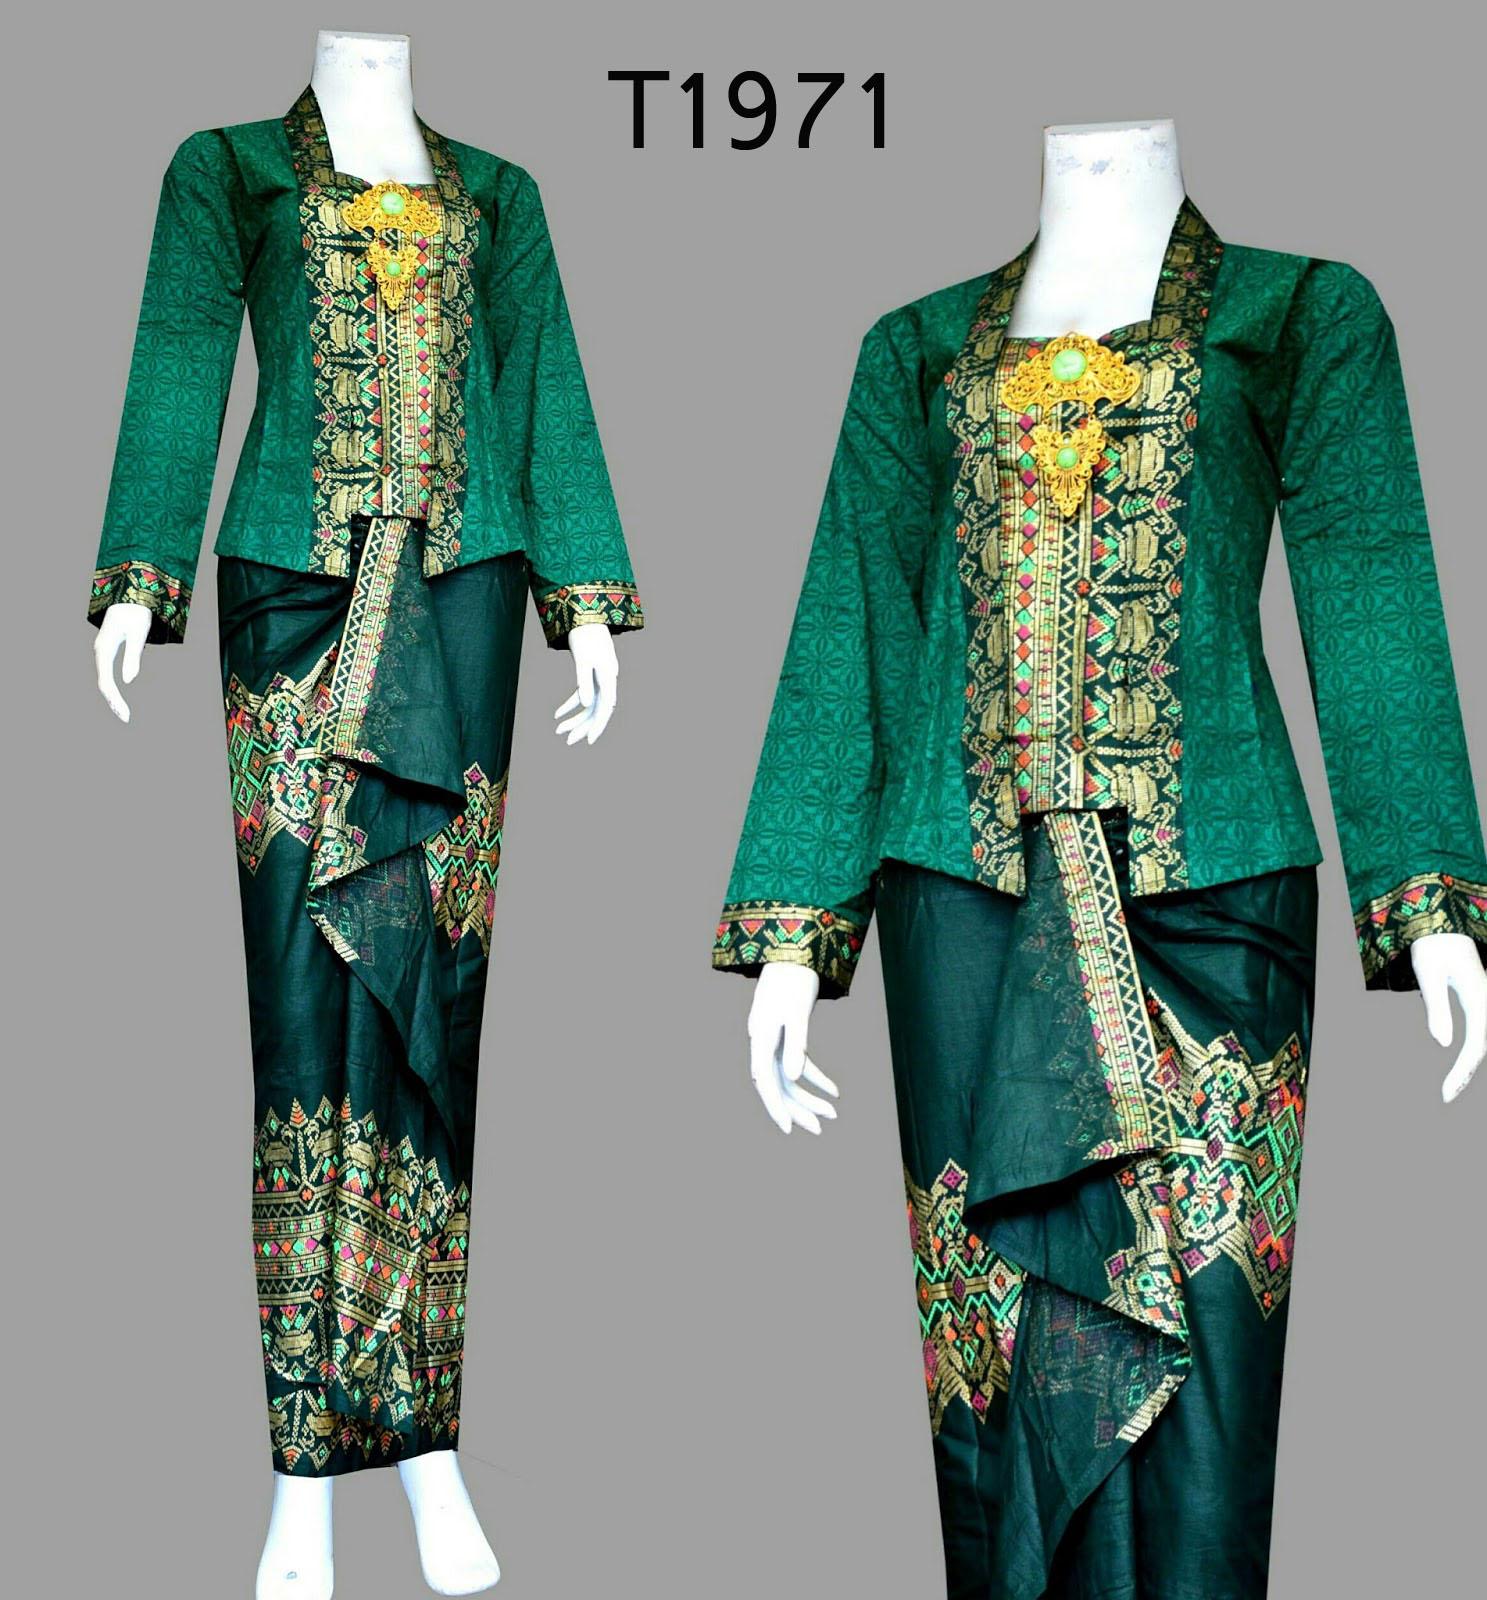 Baju Batik Wanita Setelan Rok Lilit Dan Blus T1971